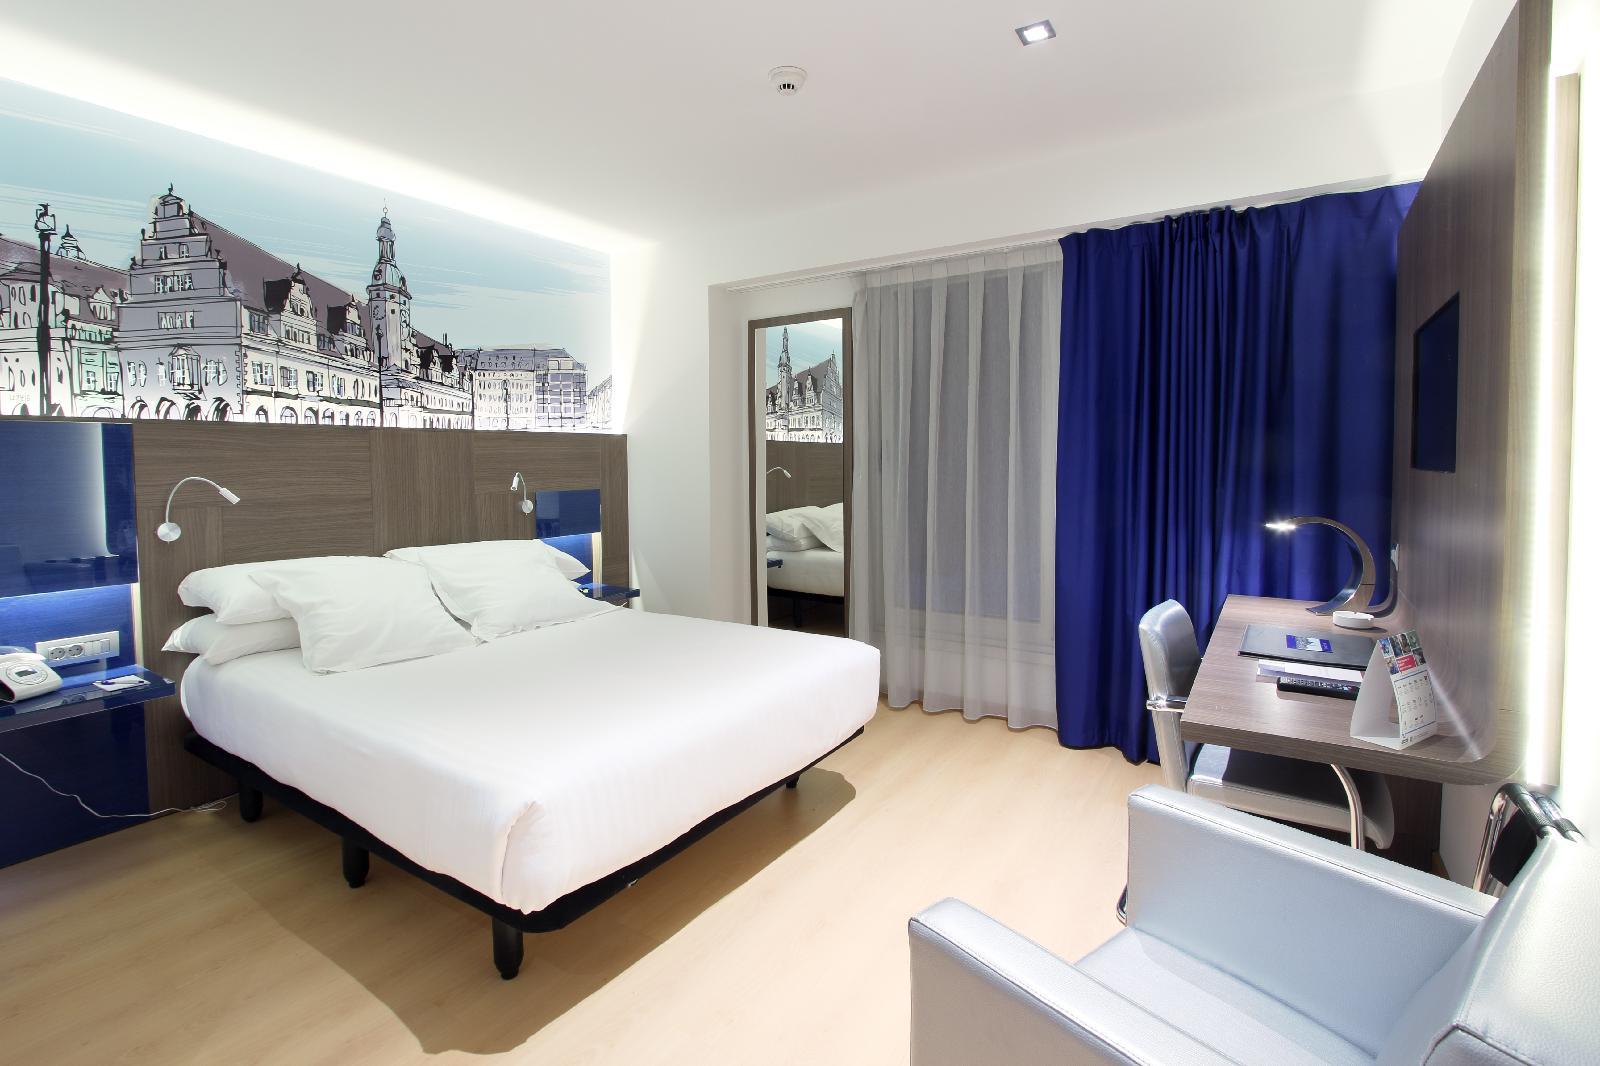 11. Hotel Blue Coruña